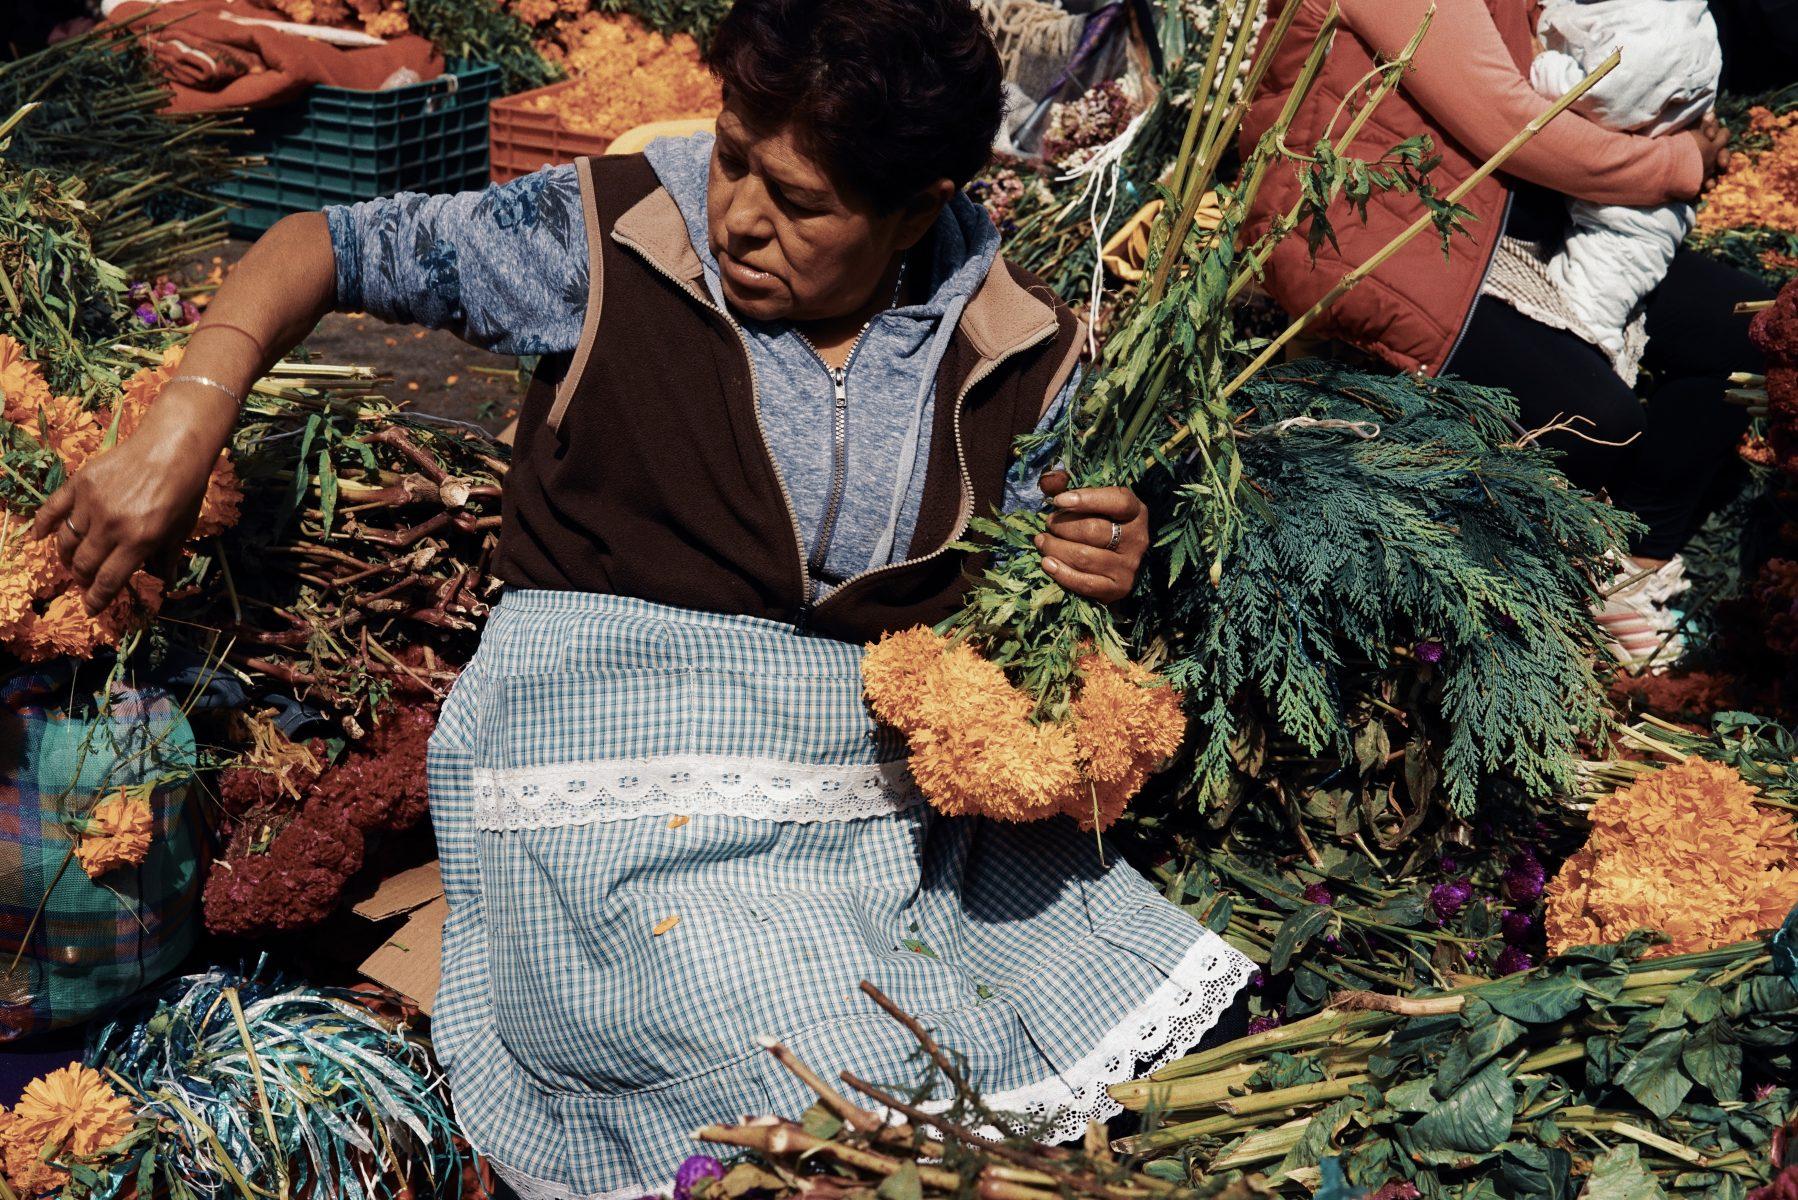 Couleur street photography par Pia Riverola, marché aux fleurs, femme Mexico